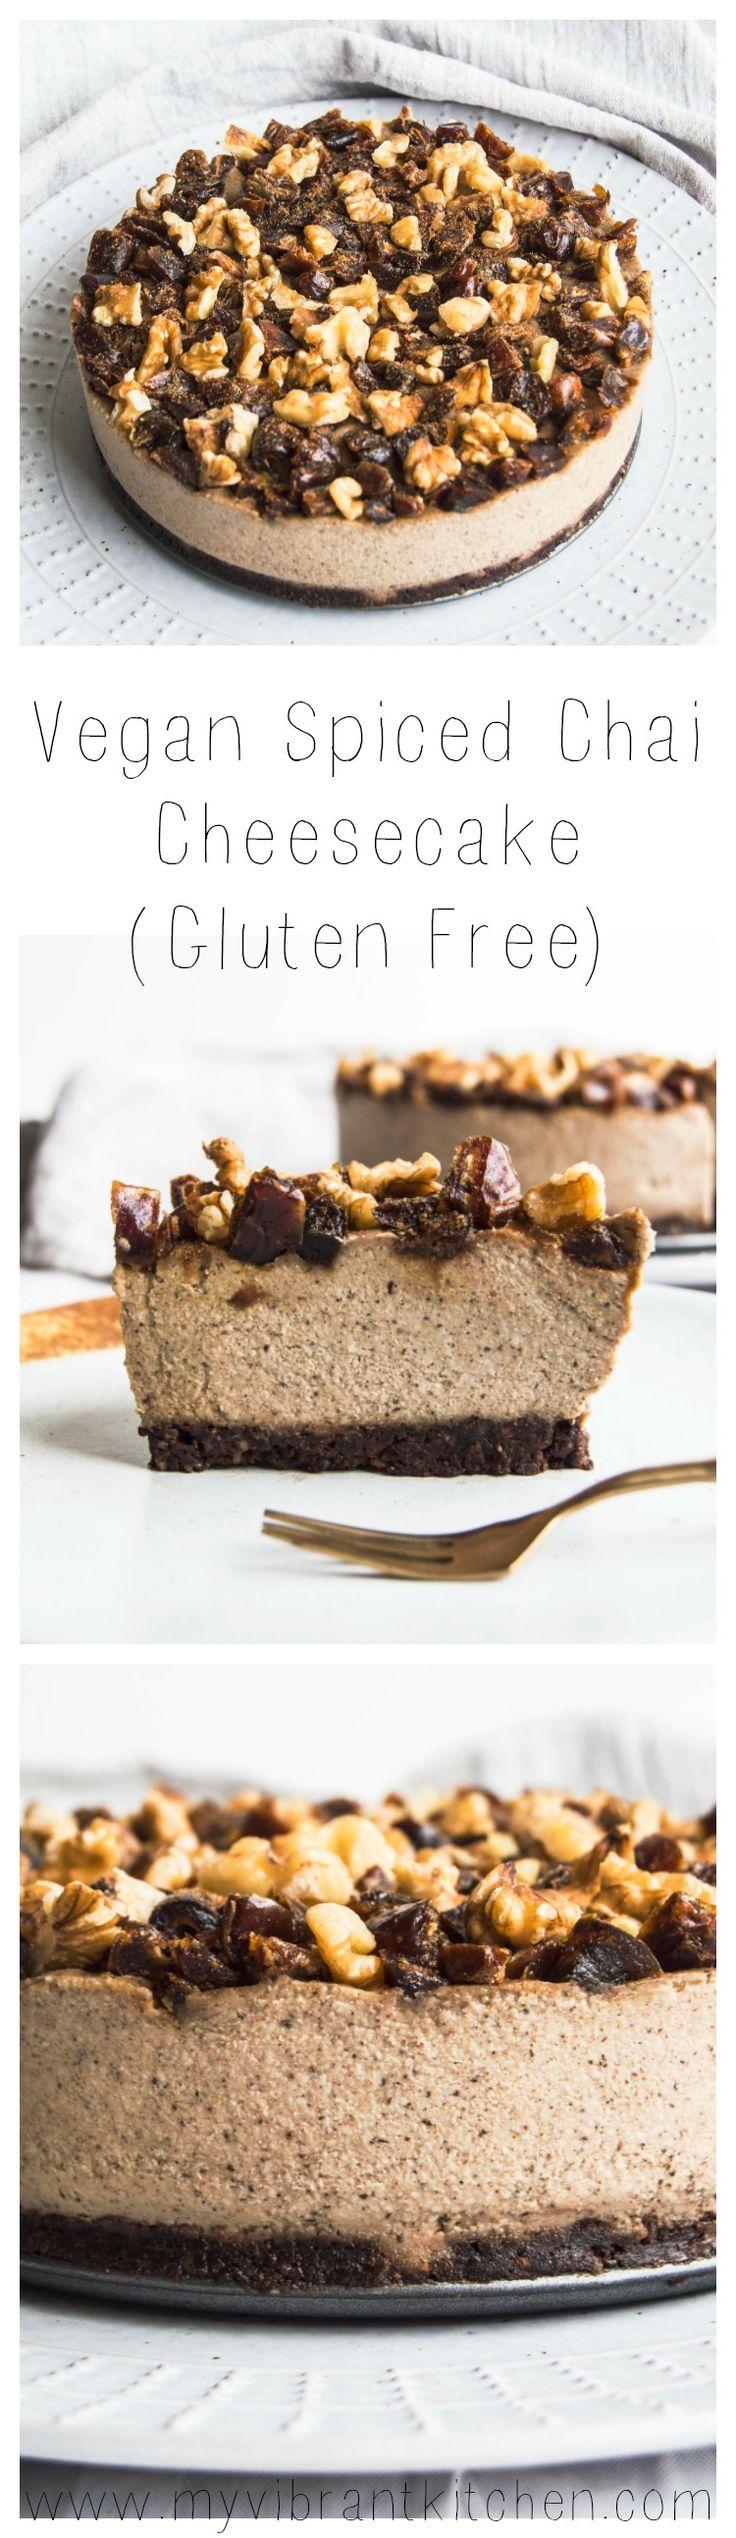 My Vibrant Kitchen   Vegan Spiced Chai Cheesecake (gluten free)   myvibrantkitchen.com